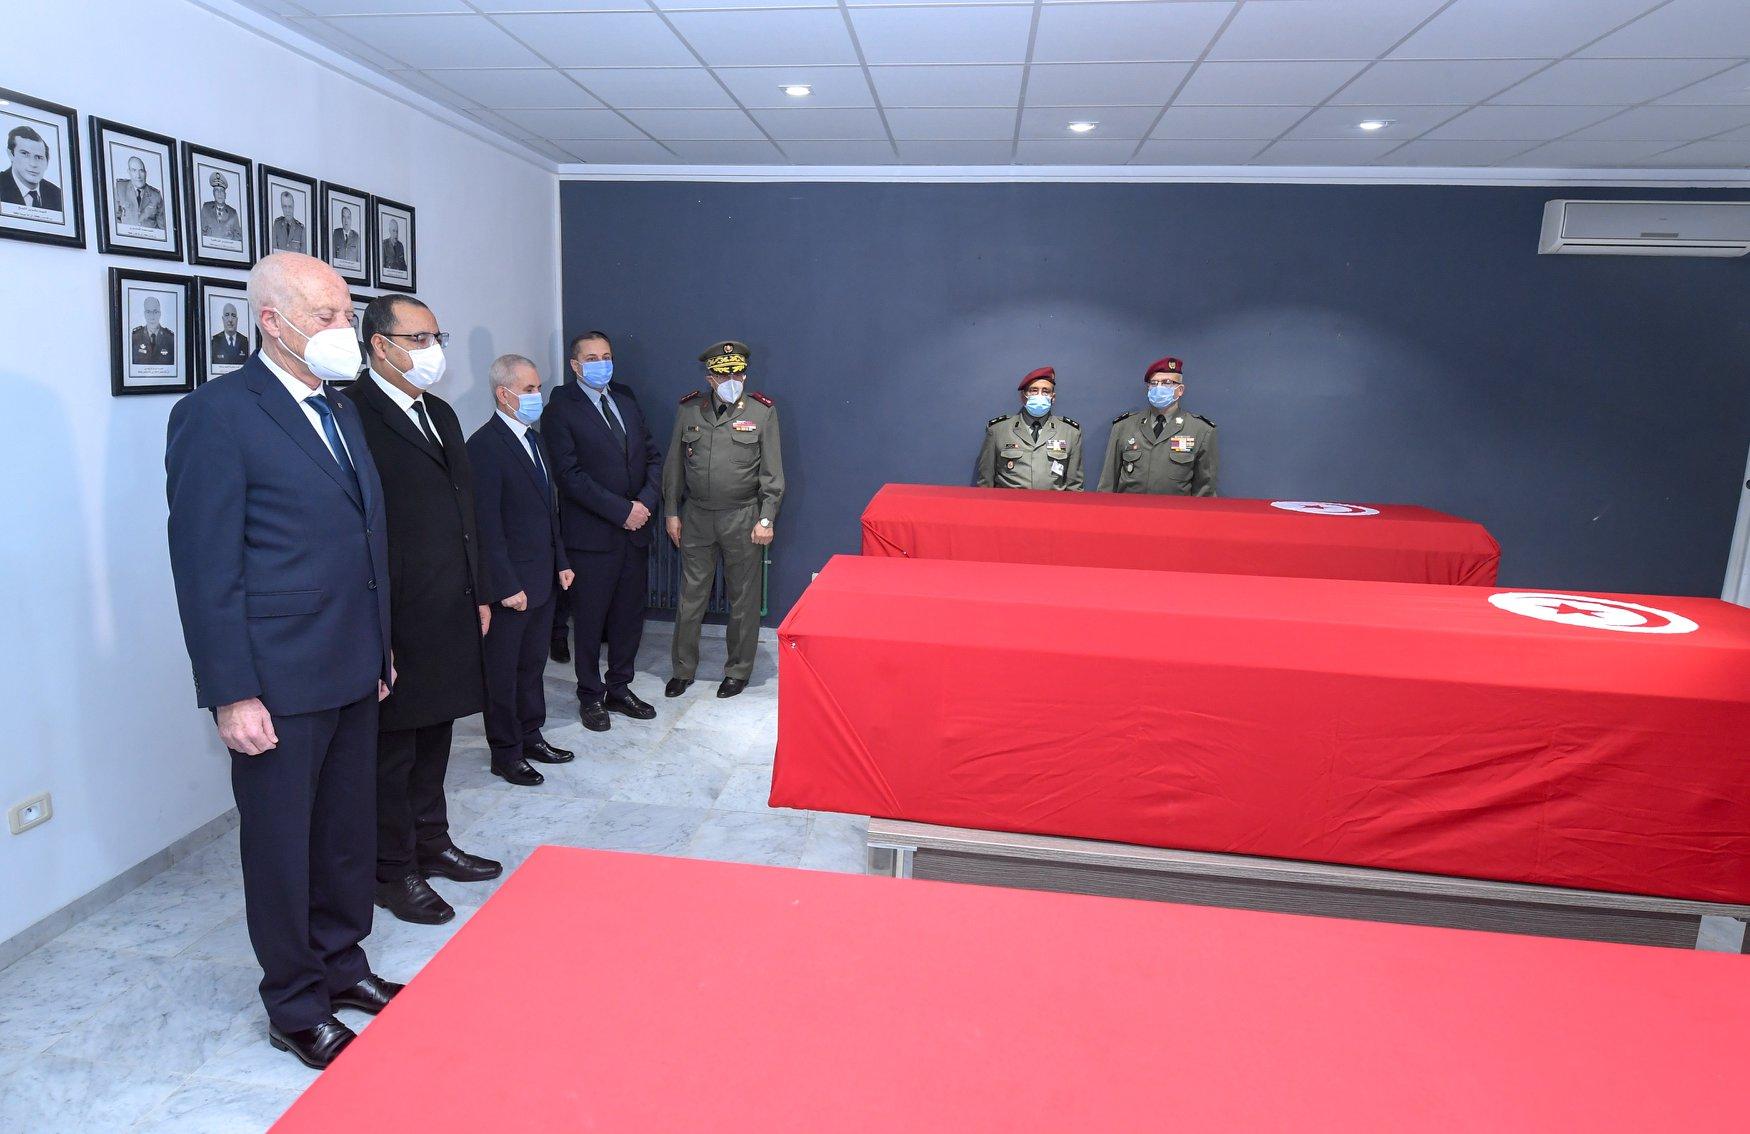 رئيس الجمهورية يؤبّن شهداء المؤسسة العسكرية الخمسة